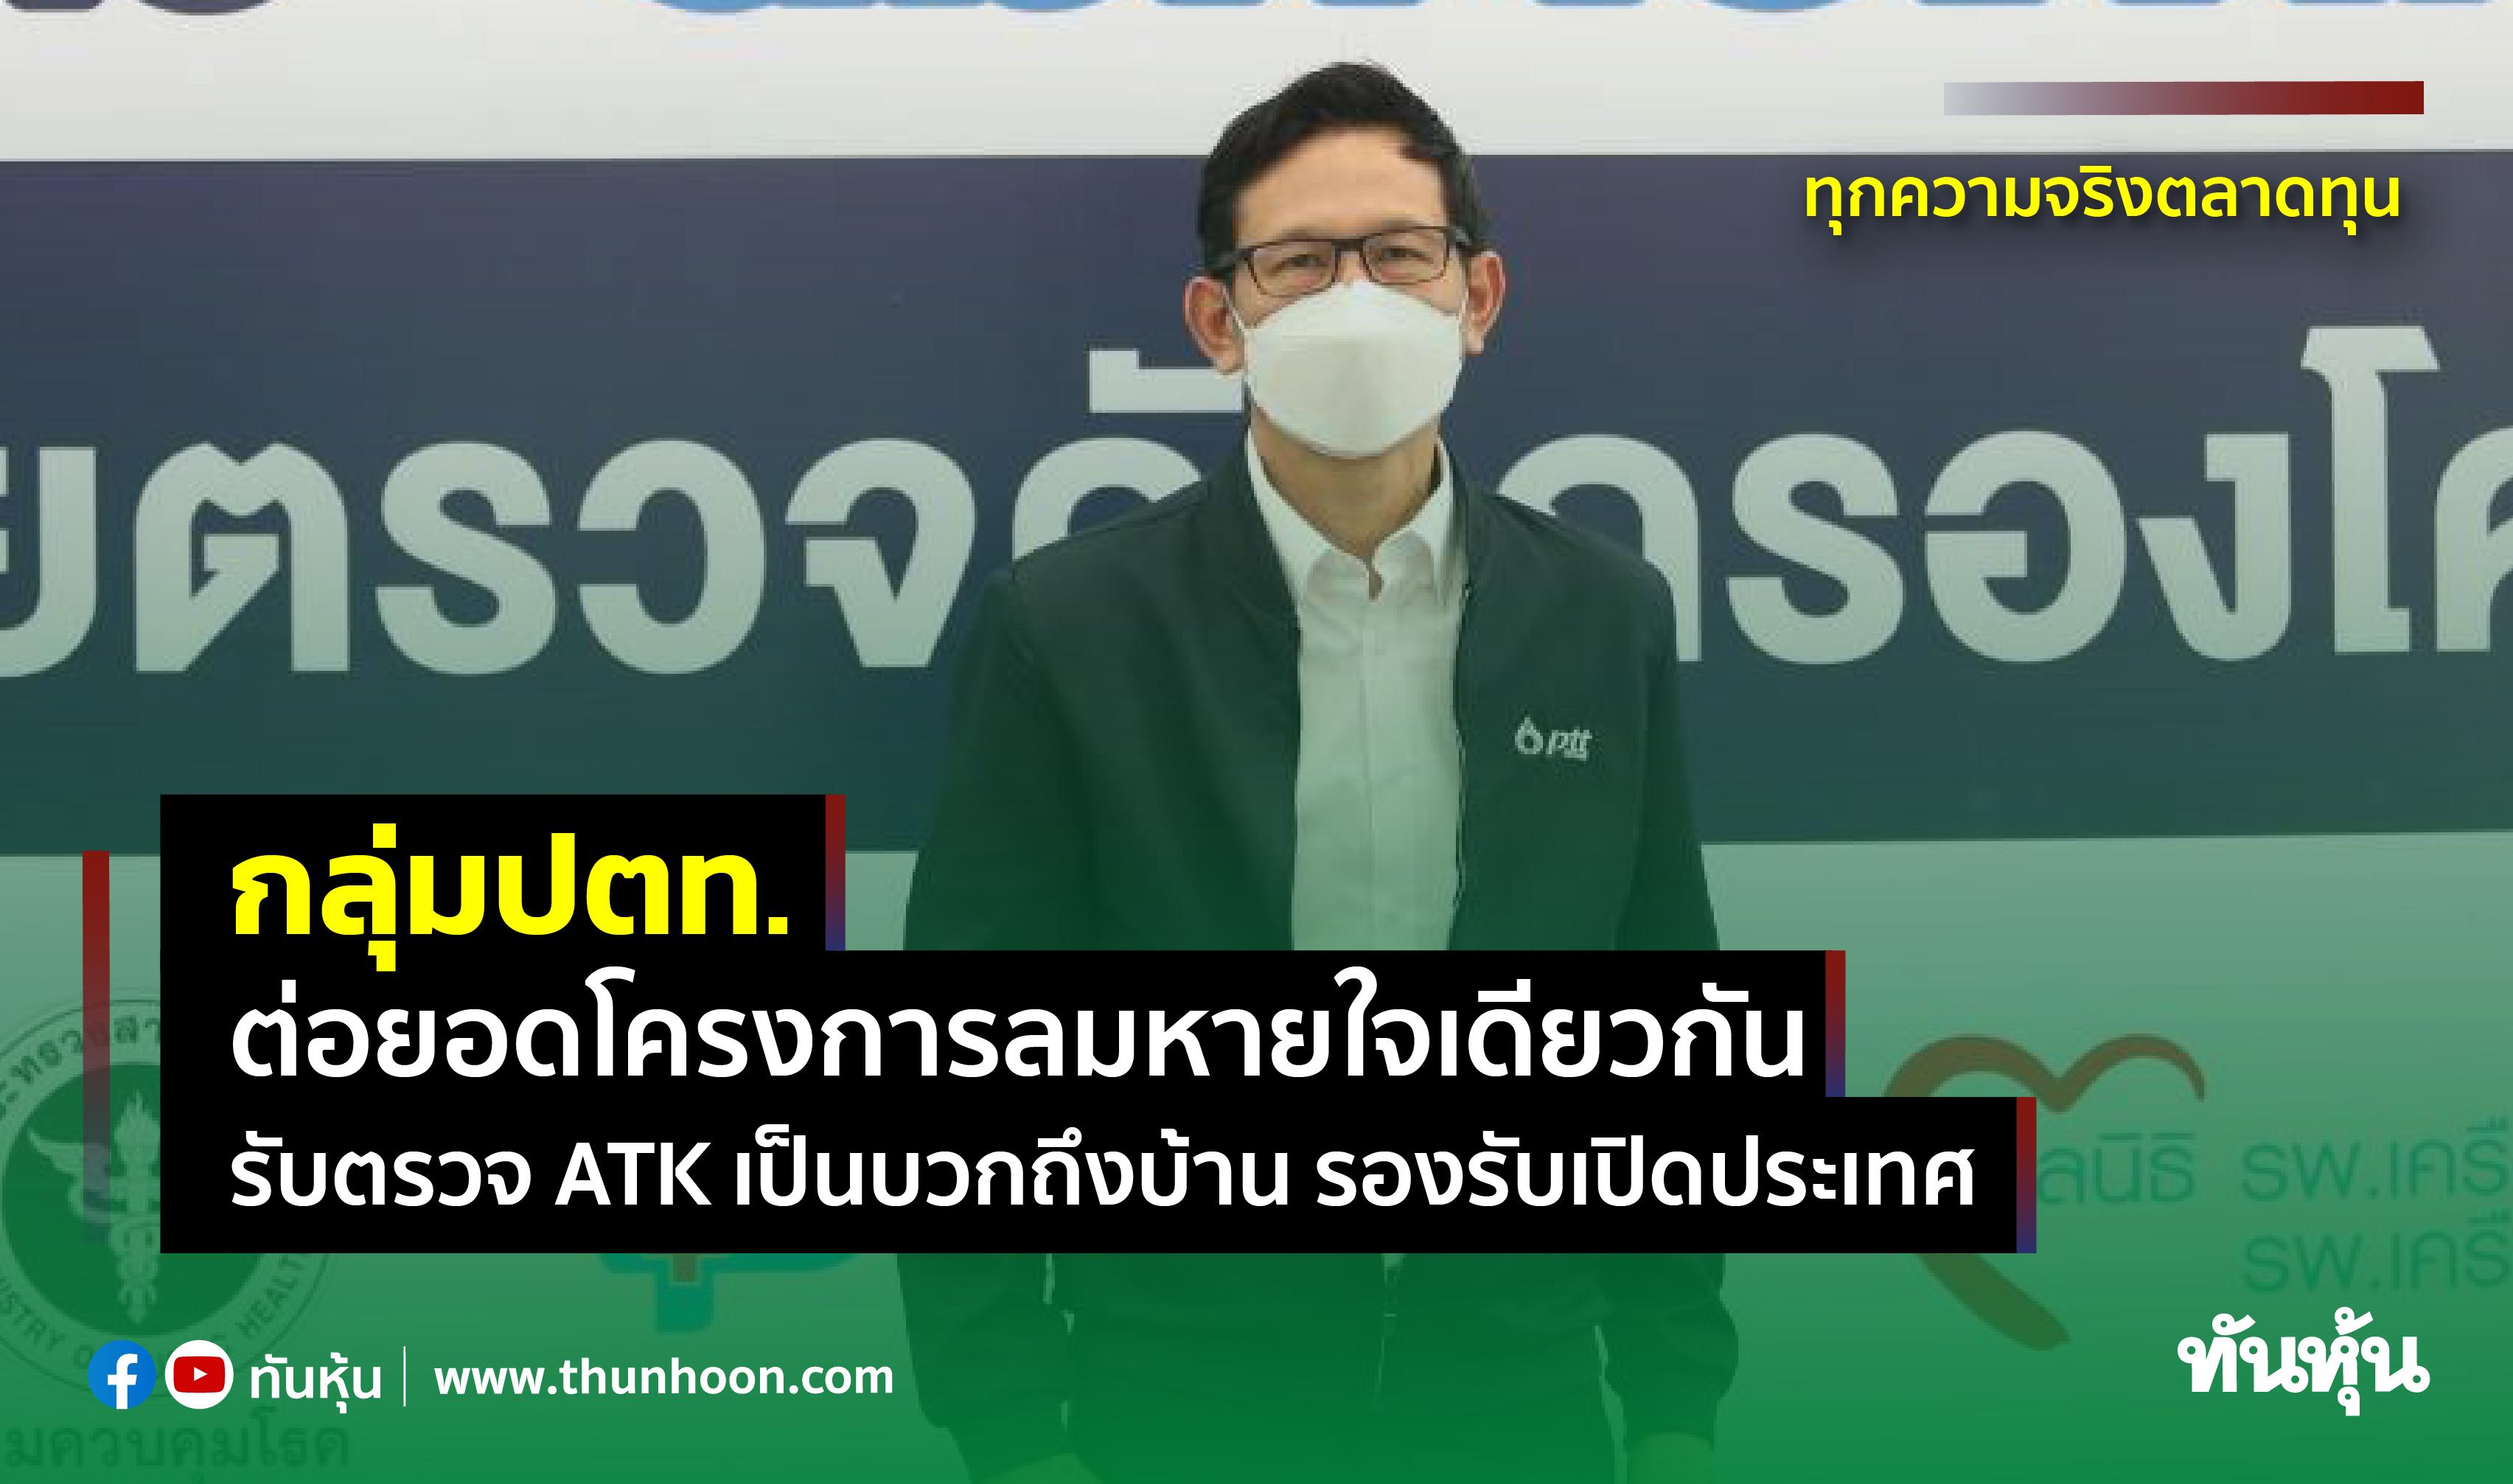 กลุ่มปตท. ต่อยอดโครงการลมหายใจเดียวกันรับตรวจ ATK เป็นบวกถึงบ้าน รองรับเปิดประเทศ